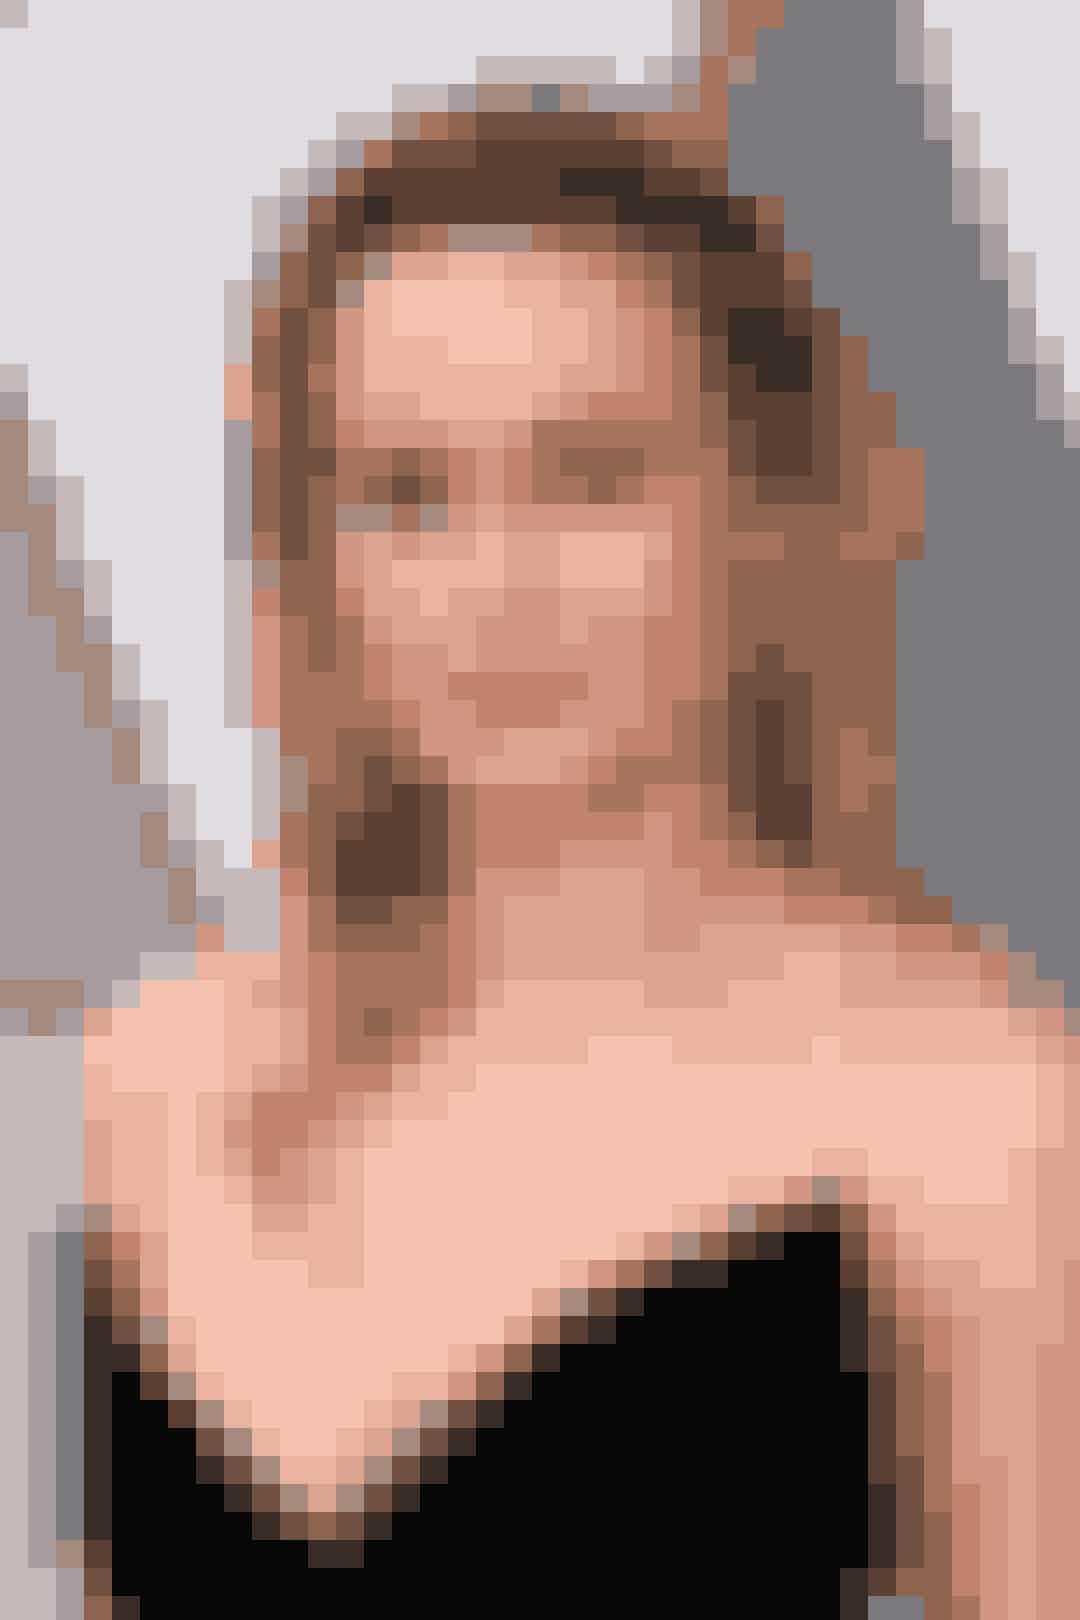 For et års tid siden vandt smukke Brie Larson både en Oscar og en Golden Globe for sin præstation i Room. Når det sker, stiller Blockbuster-producenterne sig i kø efter dig. Så derfor var der kun et at gøre for Brie: at tage styringen over sin egen karriere. Og lige præcis dét har vi taget en snak med den 27-årige dygtige skuespillerinde om i månedens ELLE...